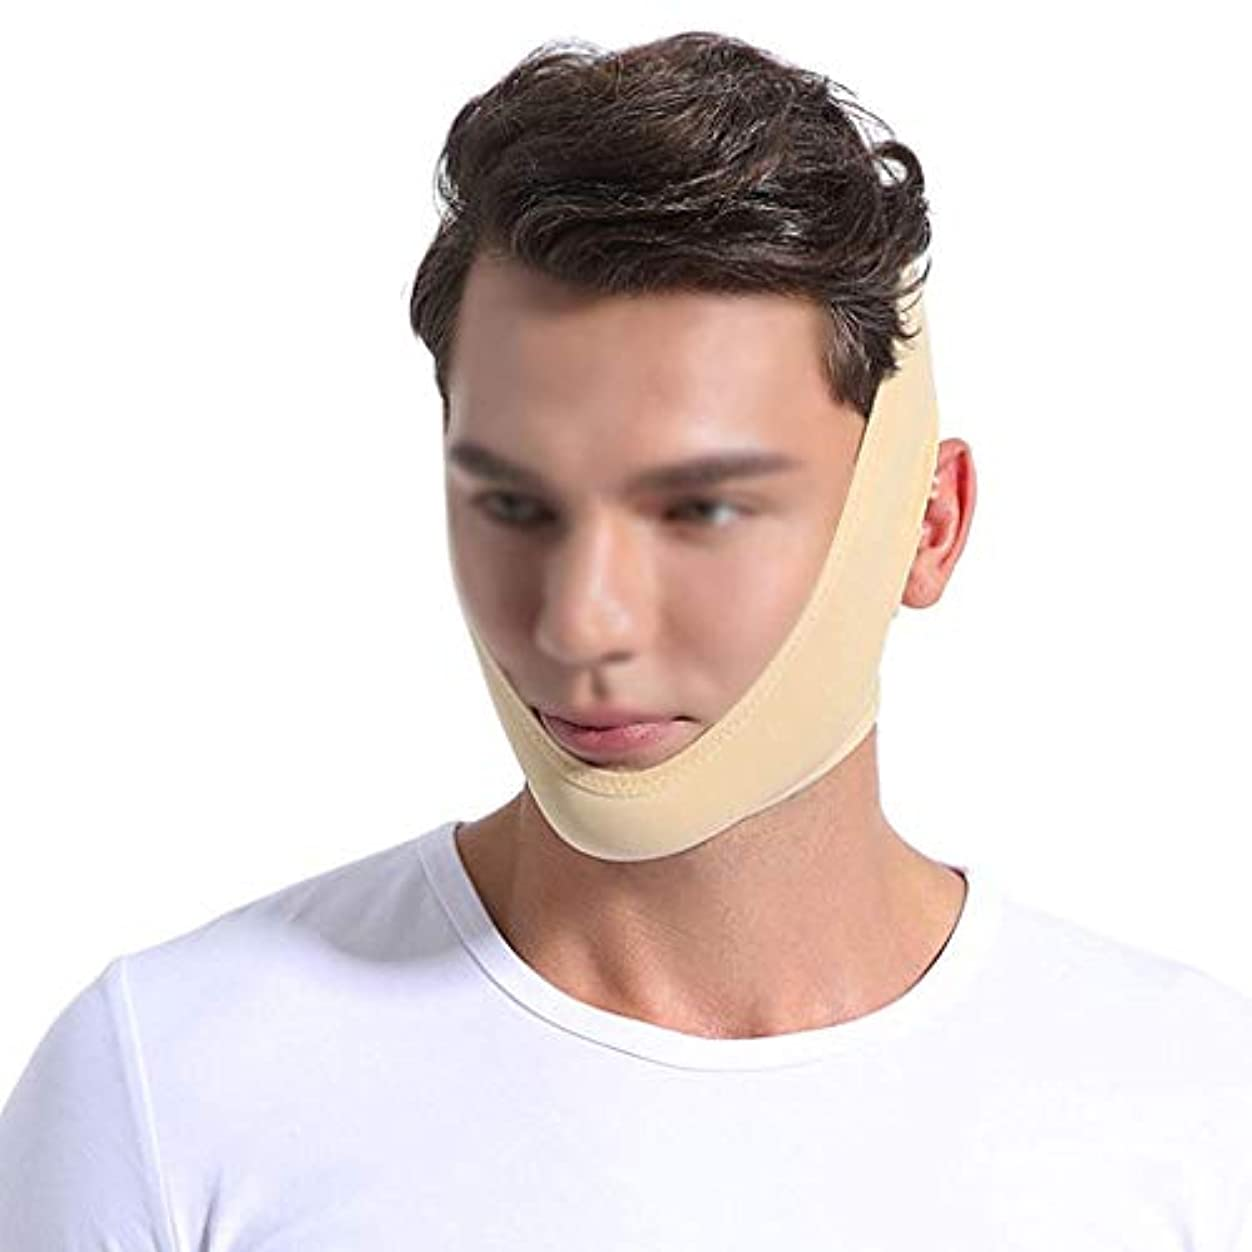 スカルク努力するデザートは医療用ワイヤーカービングの後で持ち上がるマスクを再開します、人および女性の顔の伸縮性がある包帯のヘッドギア結ばれた小さいVの表面薄い表面マスク